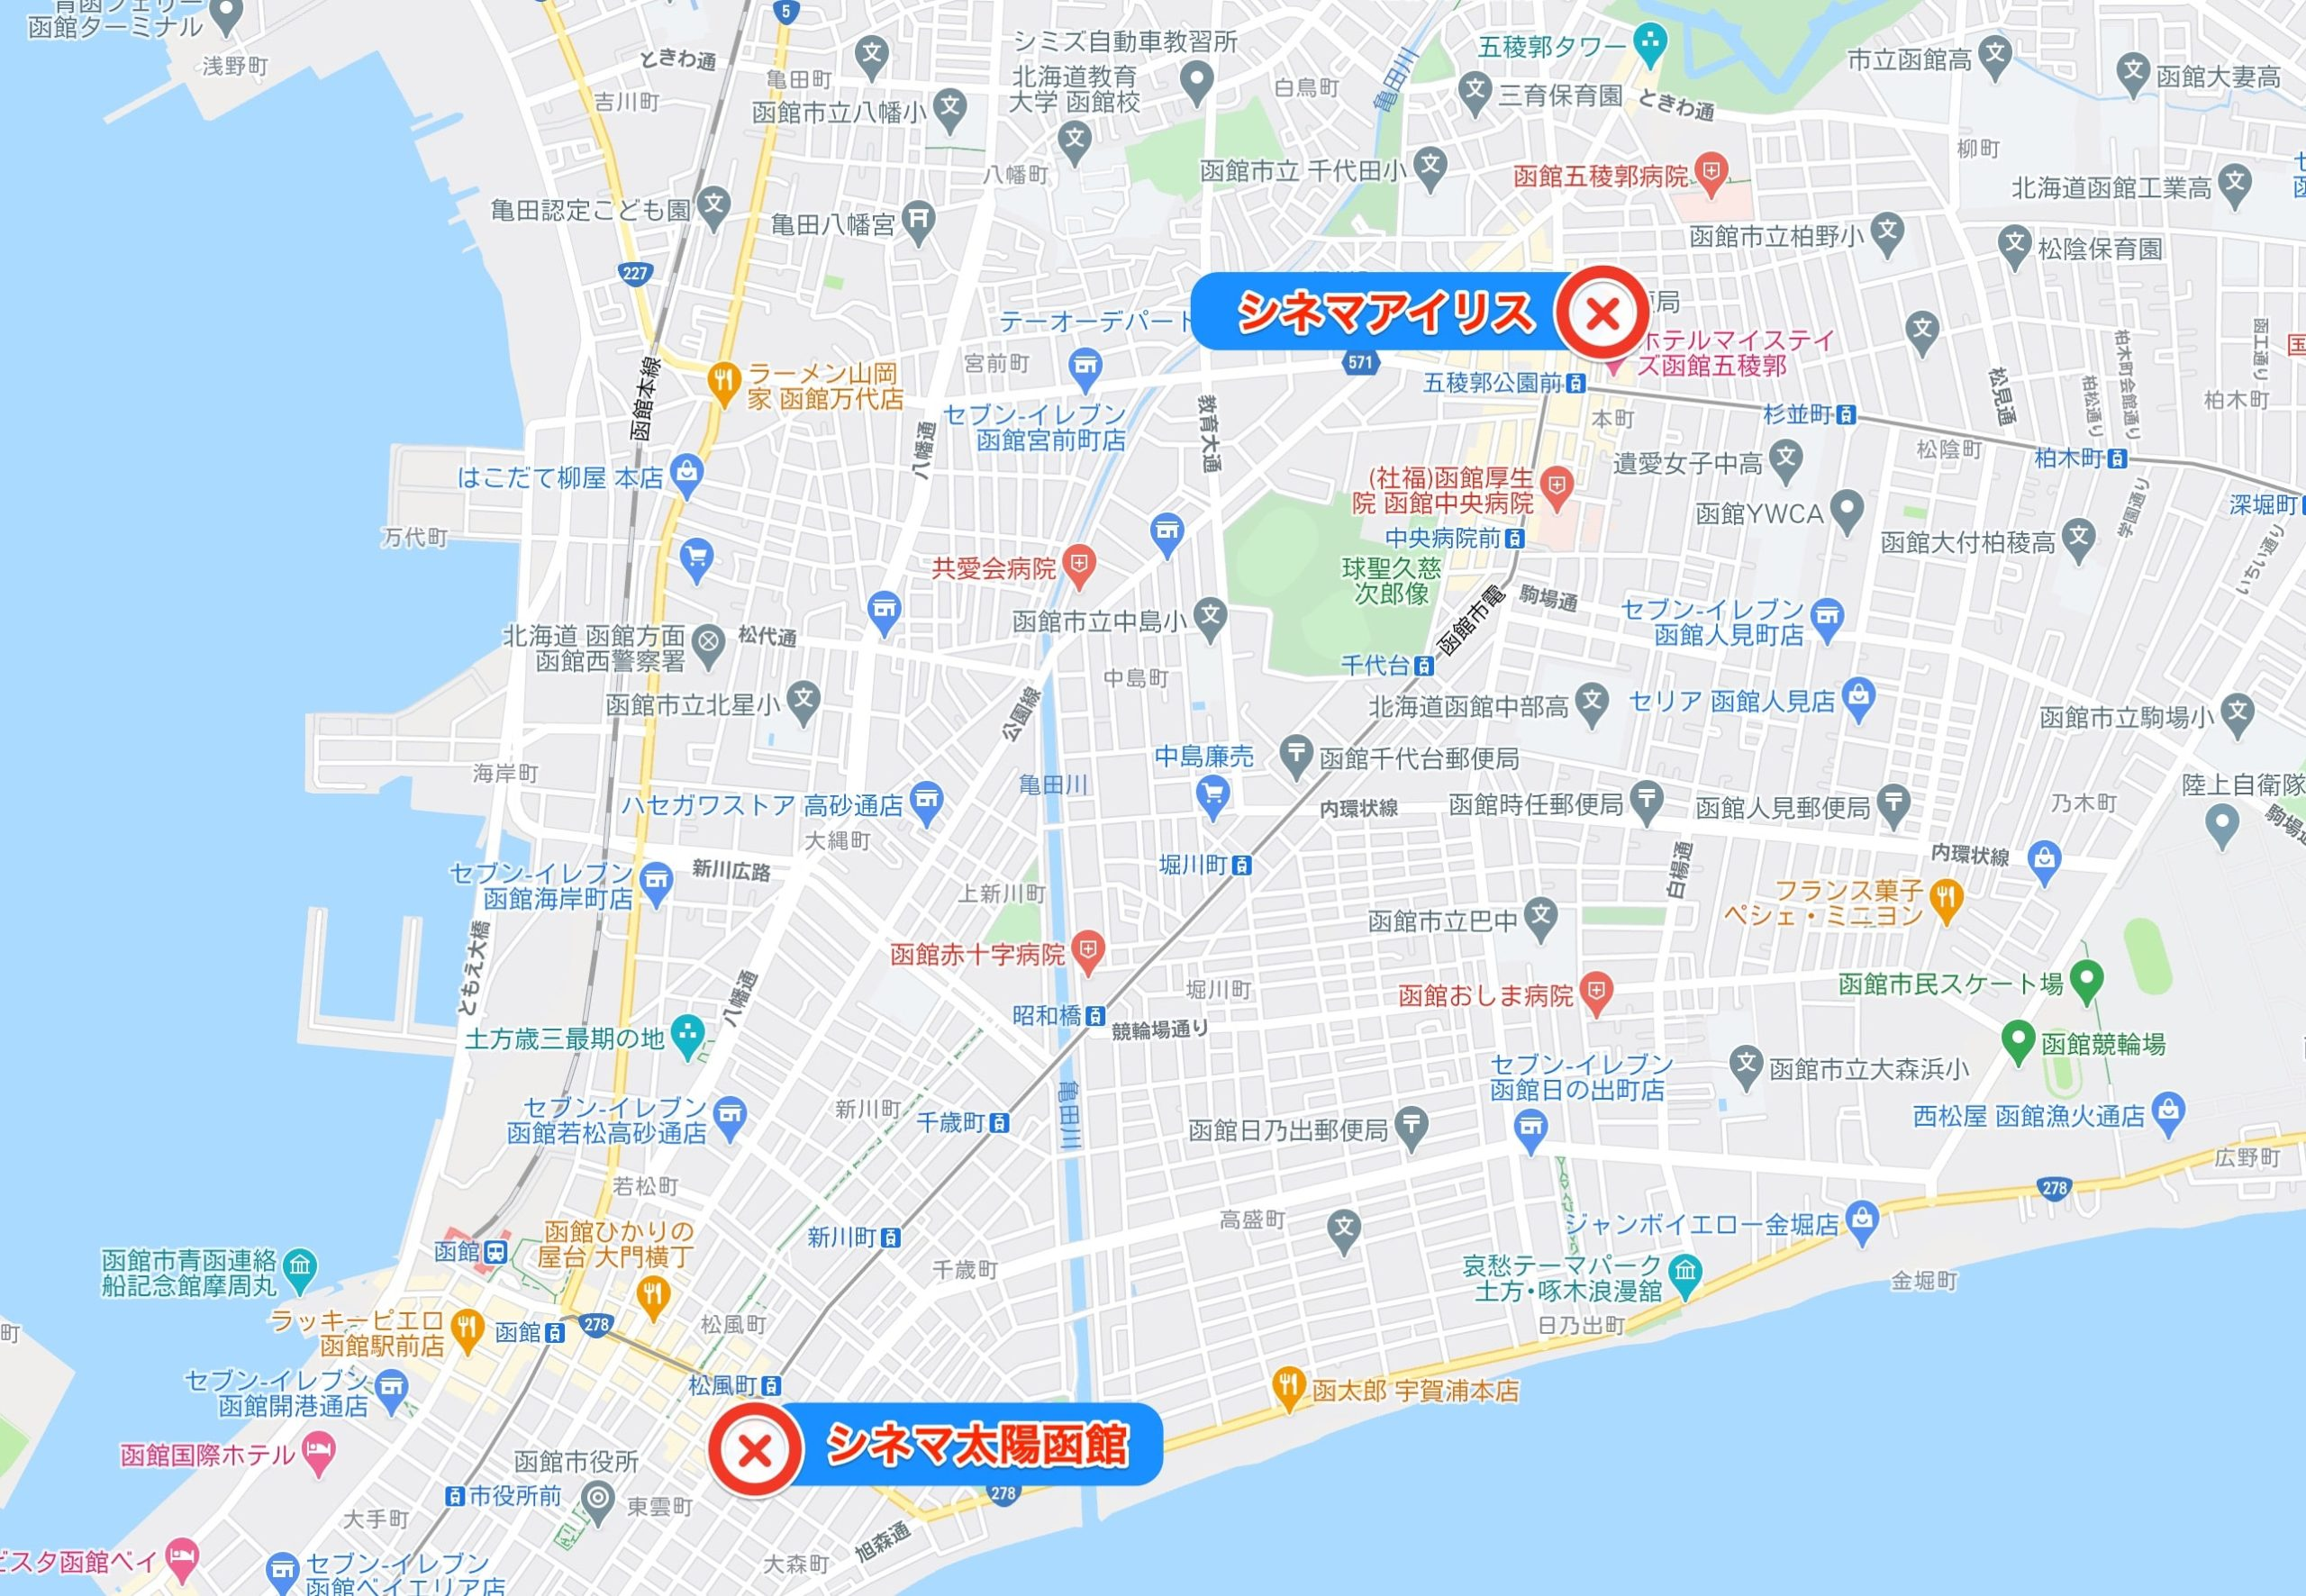 函館の映画館一覧地図